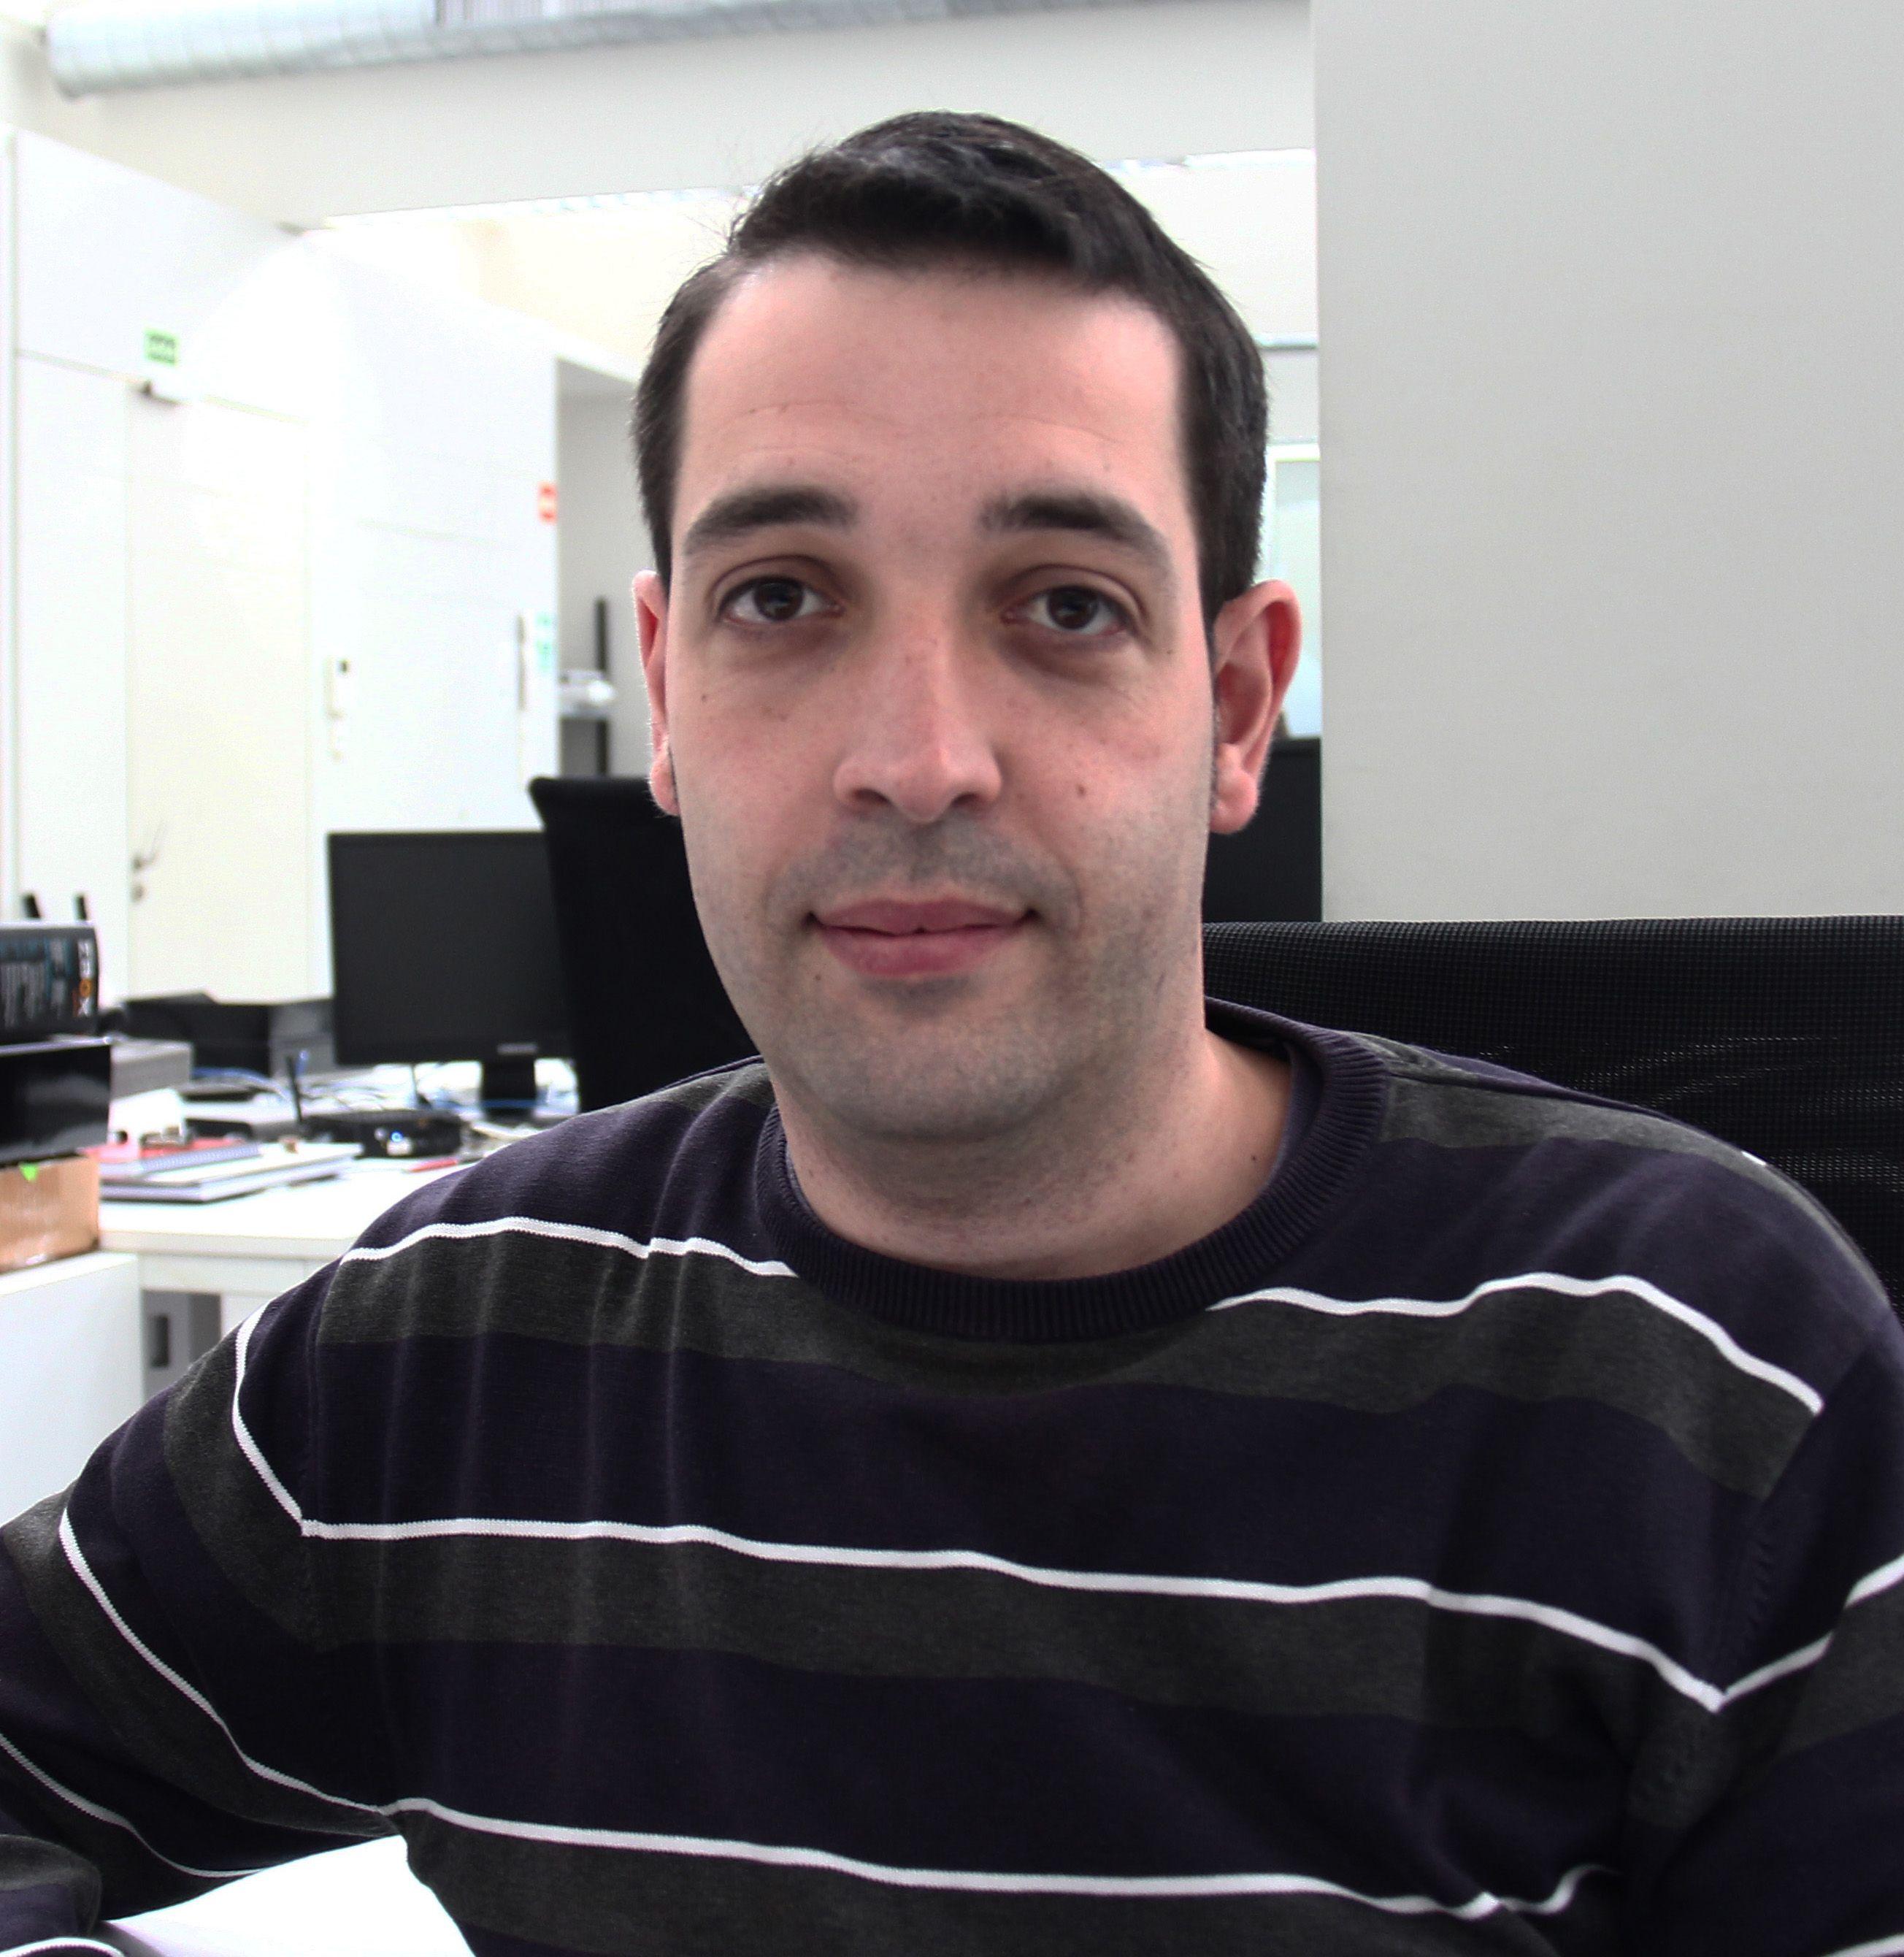 JoaquinLago